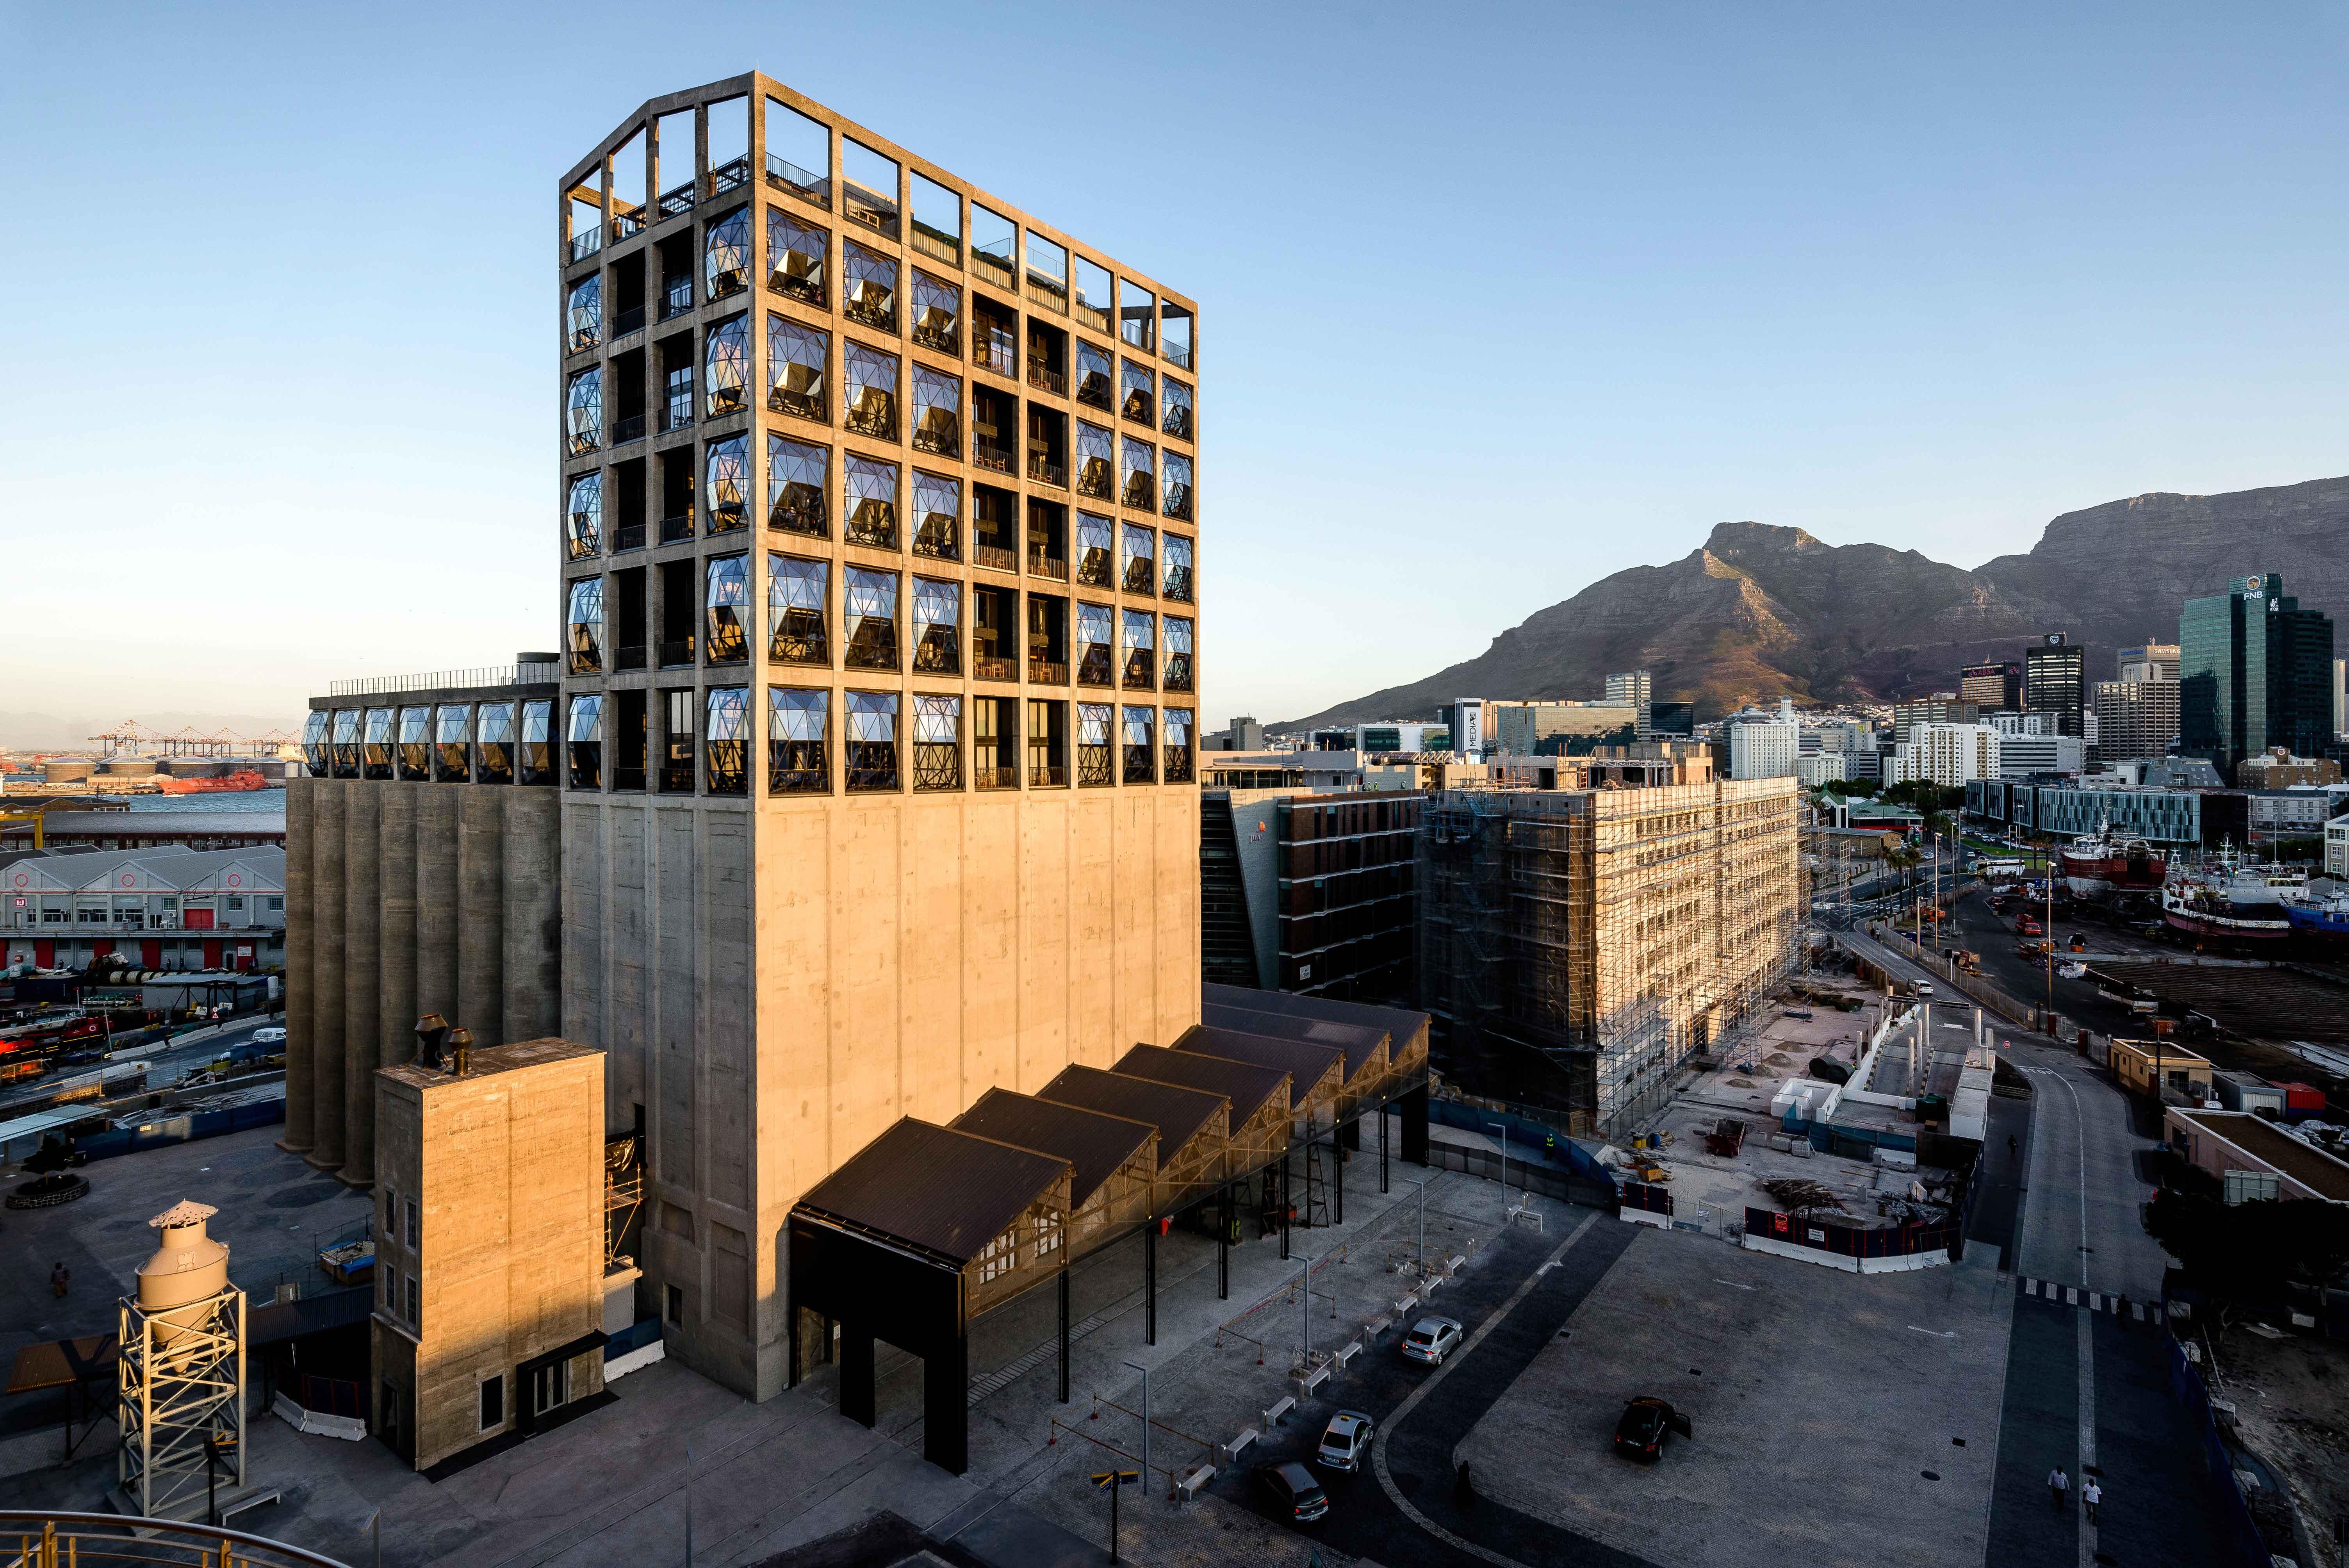 Image: The Silo, Cape Town